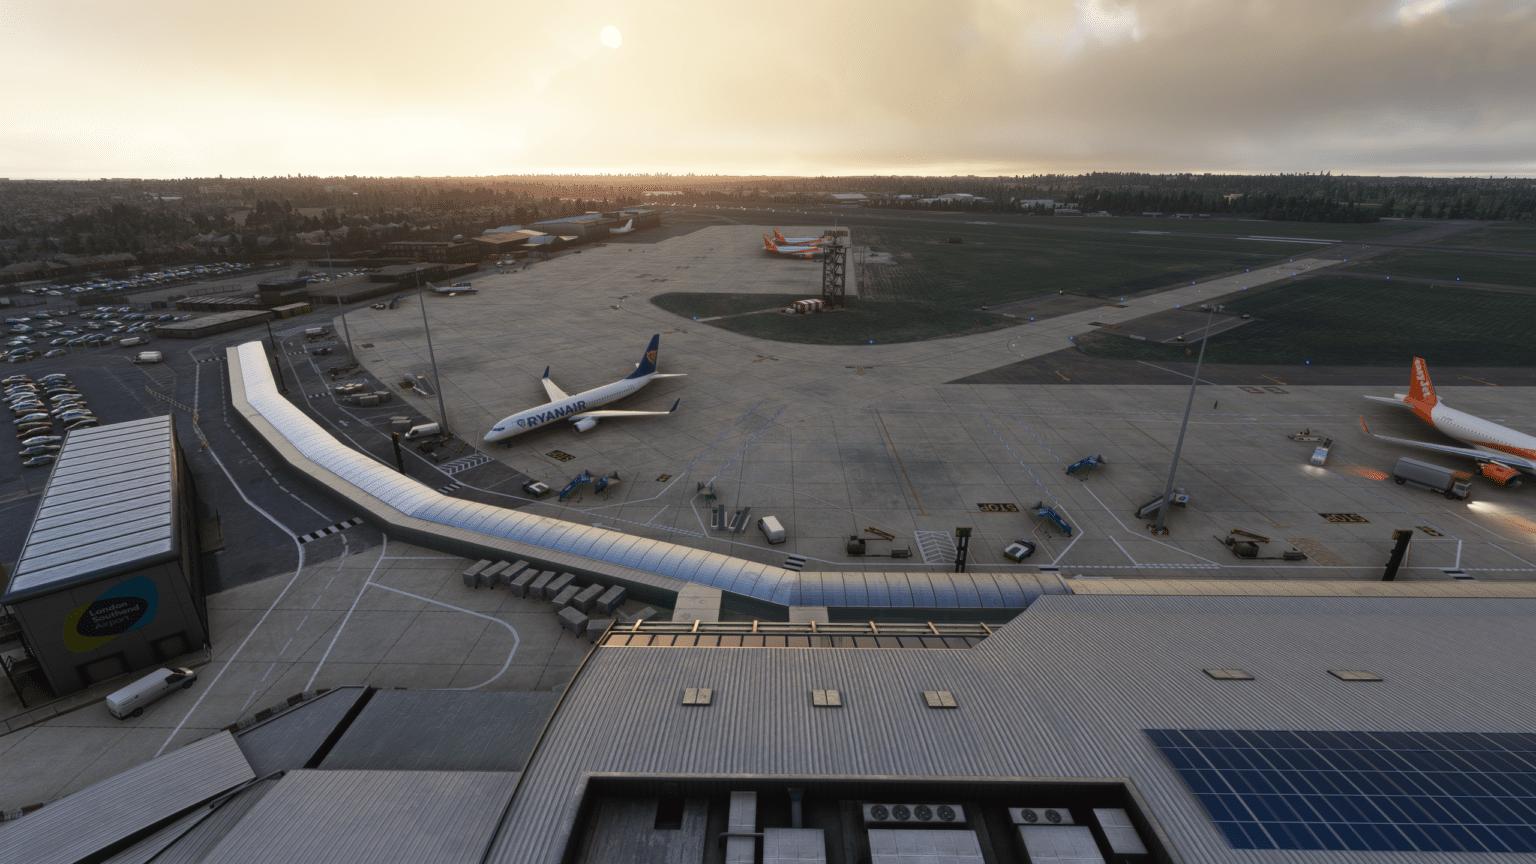 PilotPlus_Orbx_Southend (22)